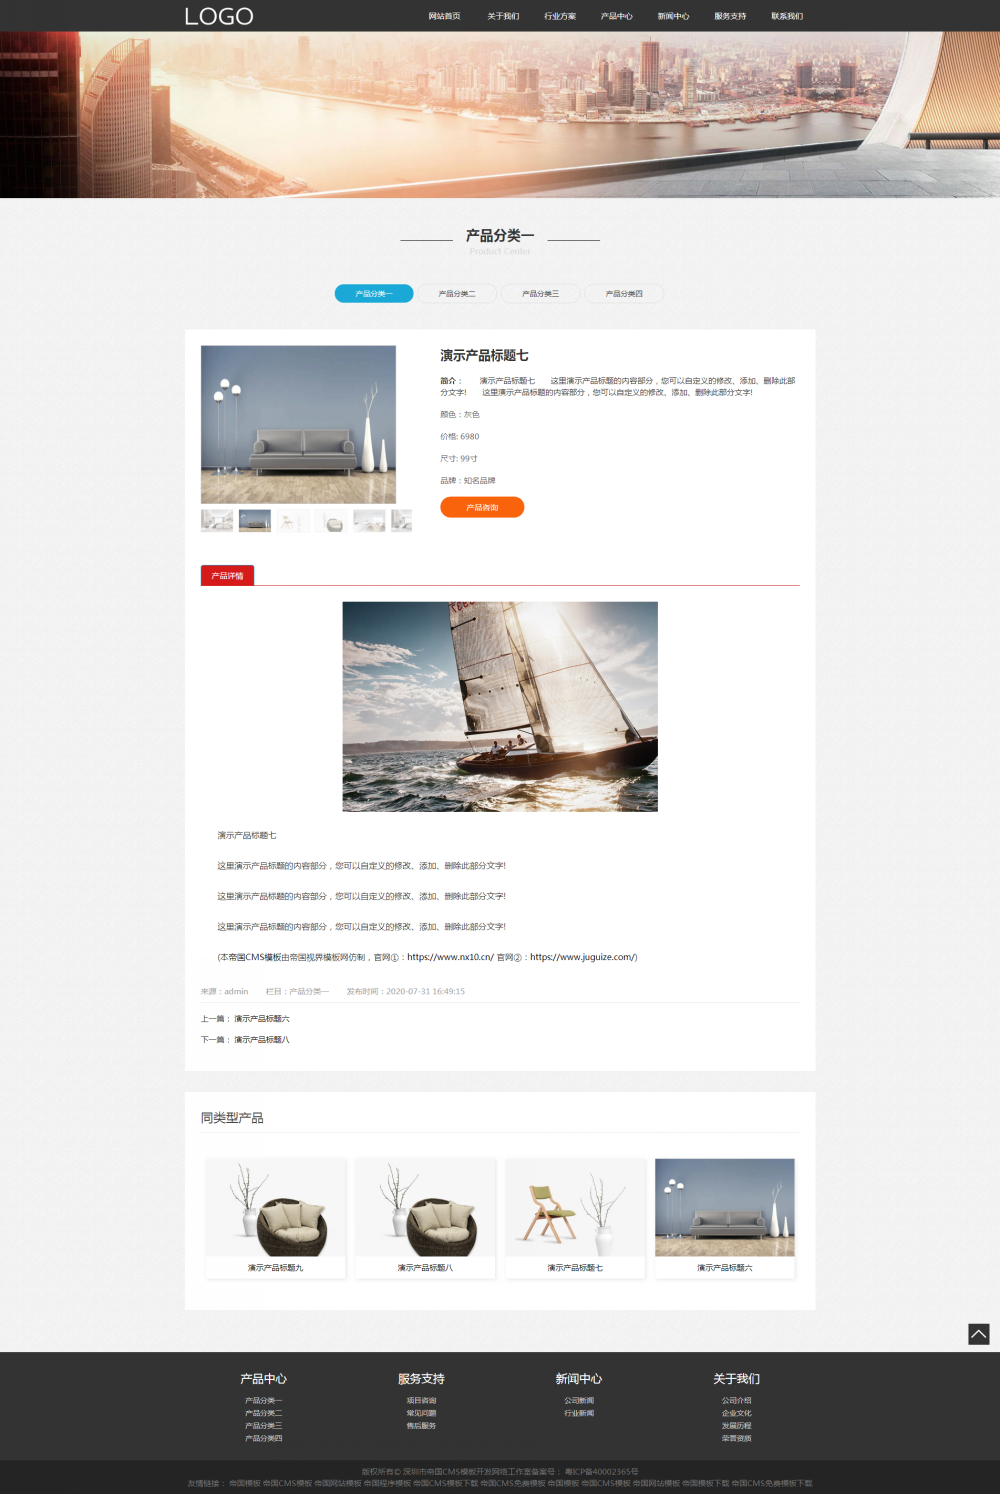 8产品内容页.png [DG-0138]帝国CMS响应式艺术设计类帝国cms模板,高端创意设计公司帝国网站源码 企业模板 第8张